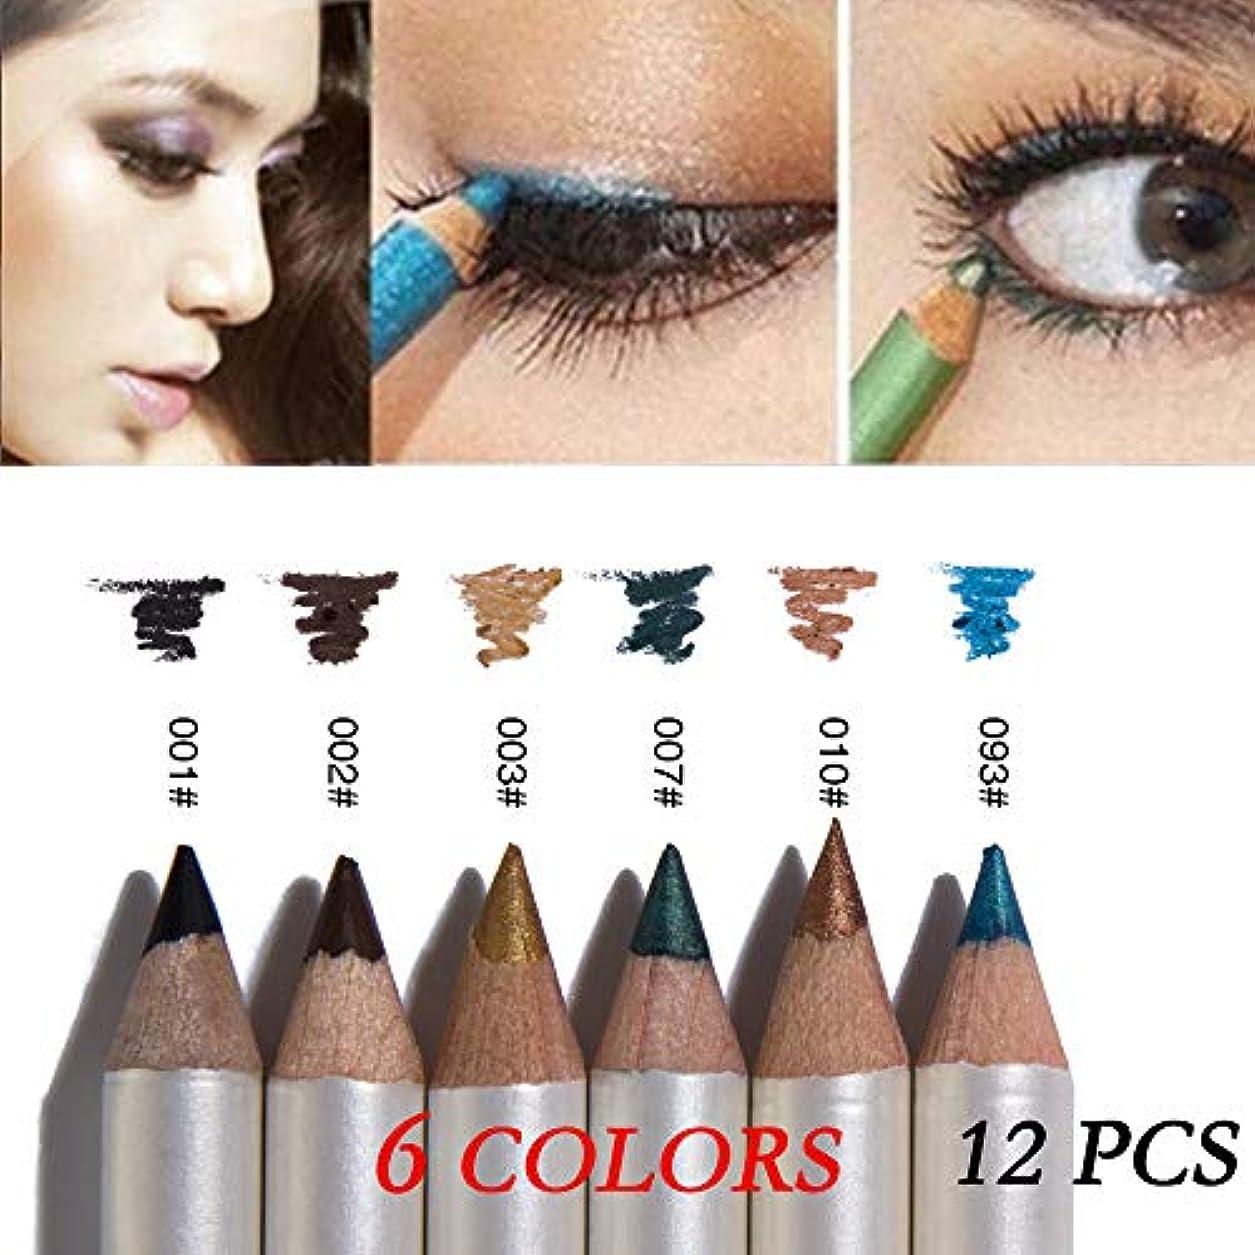 化学者スピリチュアル生じる6色12色の混合色防水アイシャドーアイライナーペンメイクアップペン